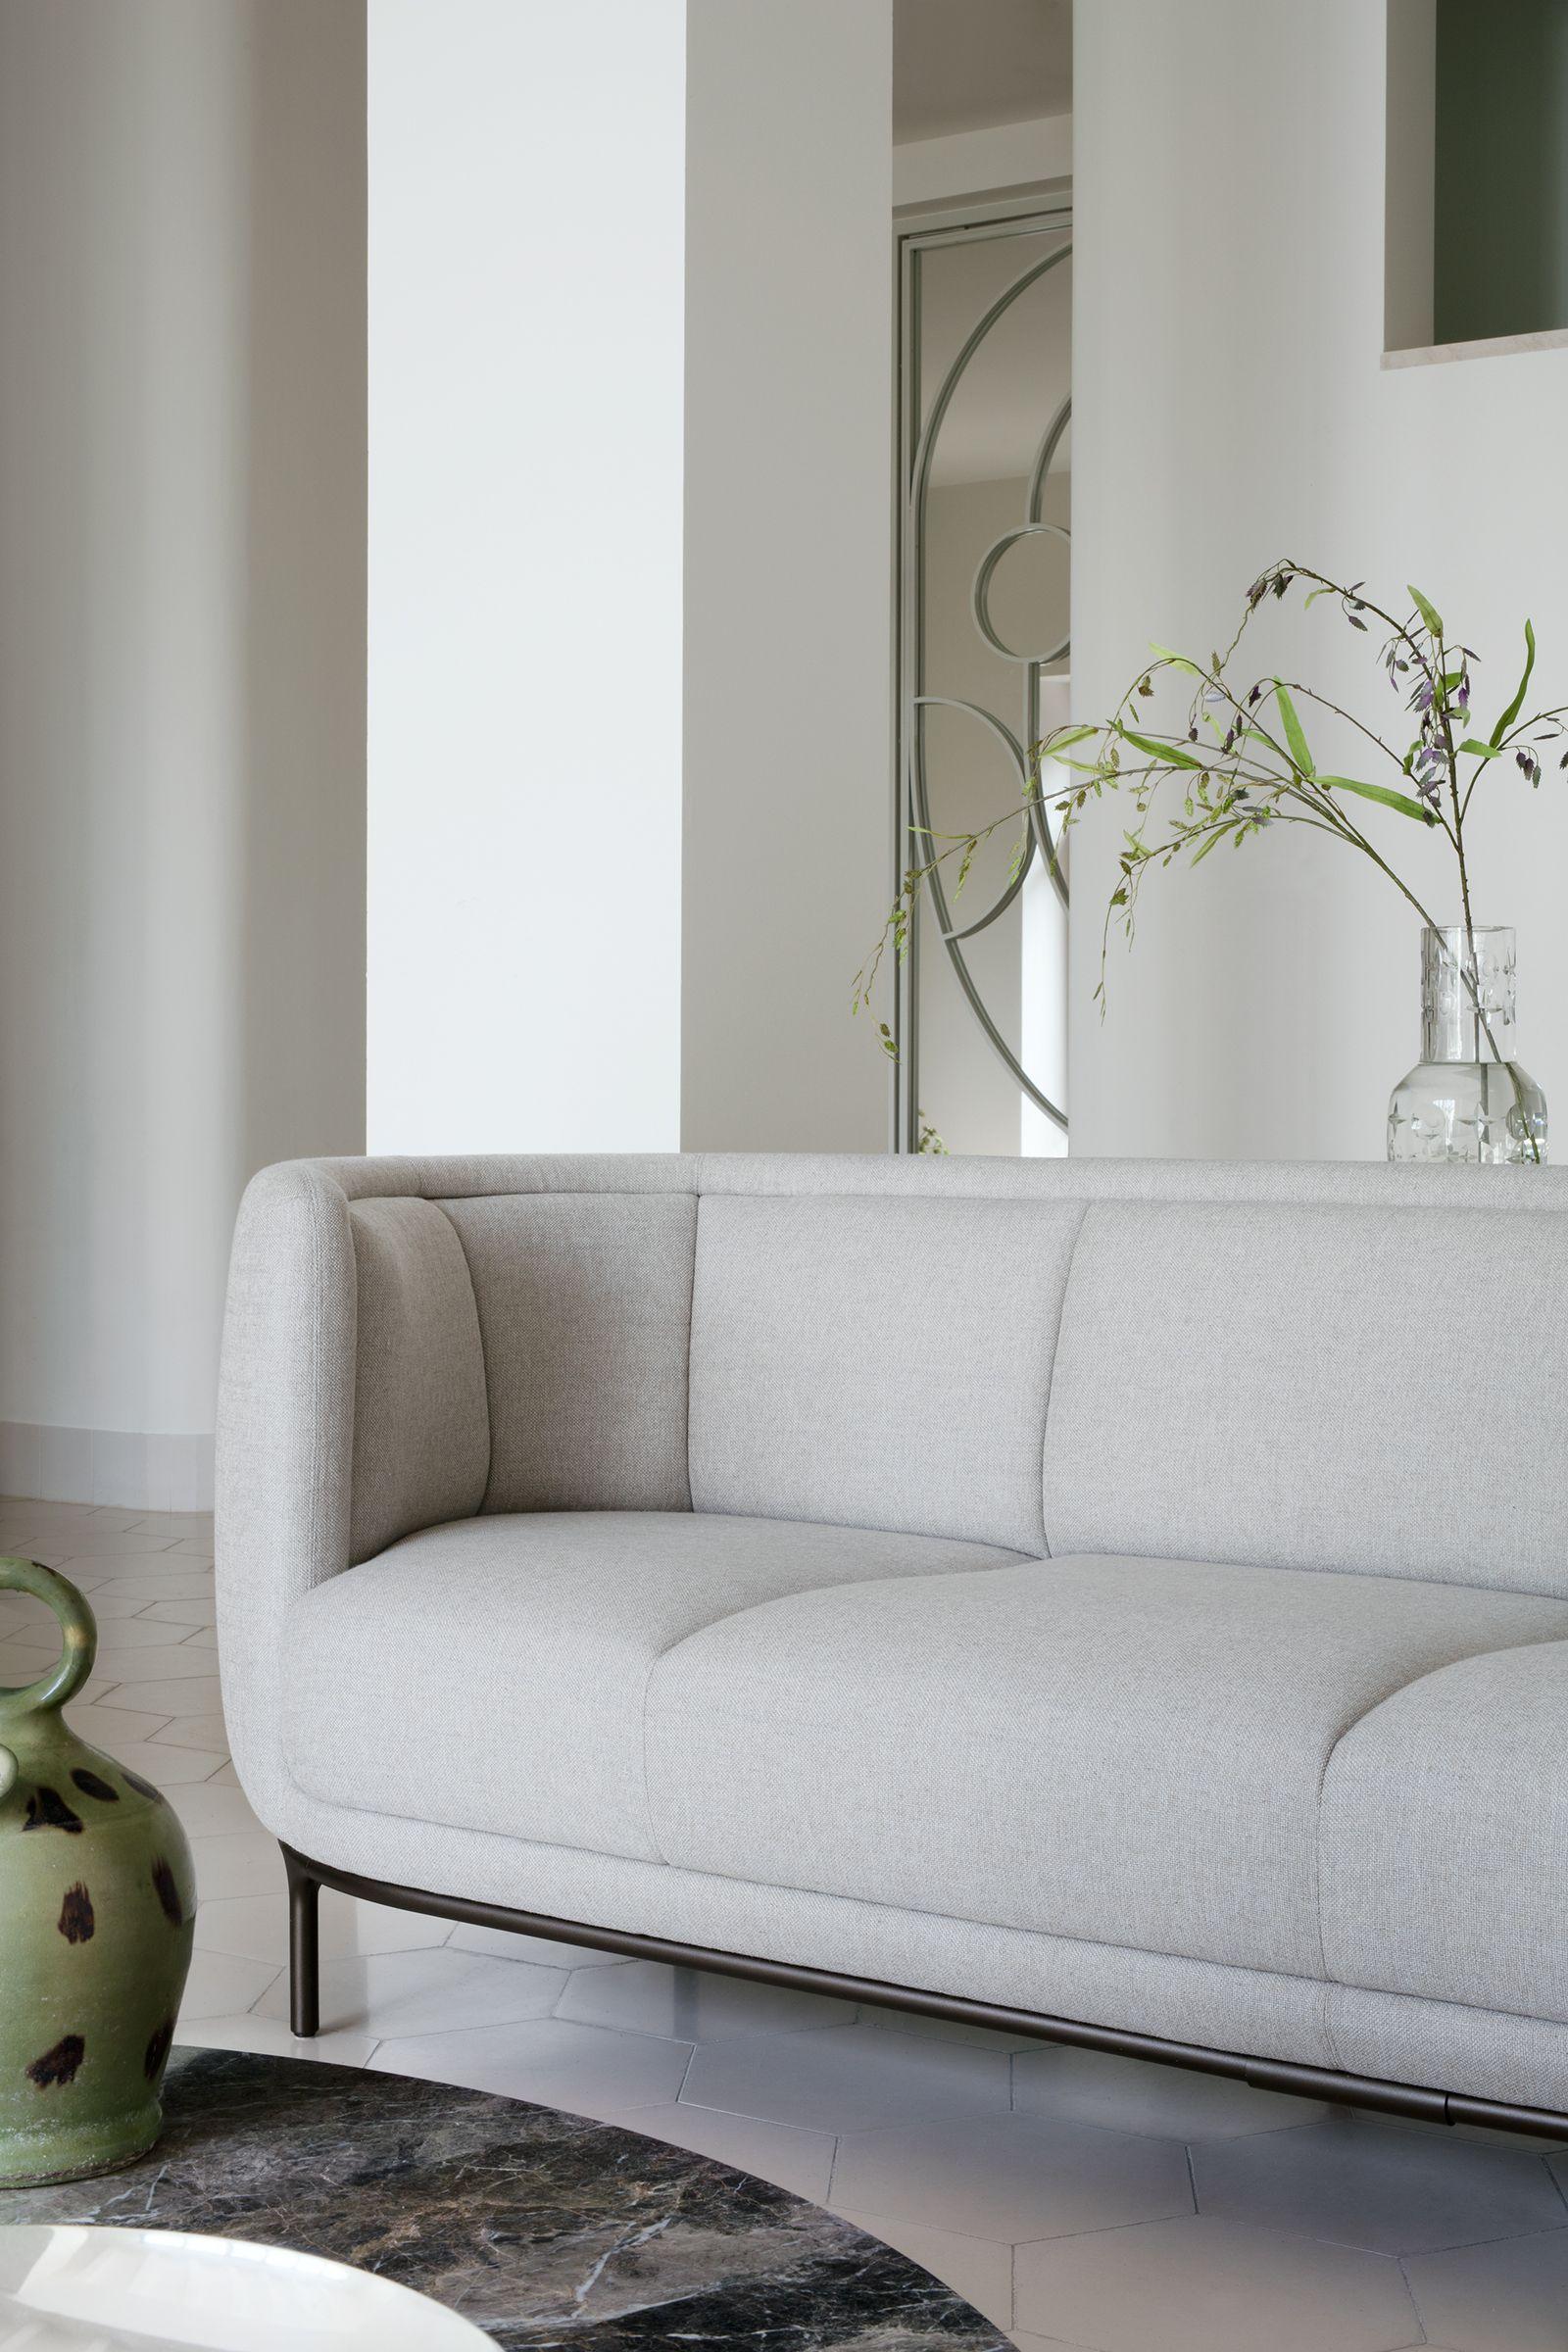 Wohnzimmer, Sofa, Werkstatt, Liegen, Mitte Des Jahrhunderts, Möbel, Sofa  Bench, Sofa Daybed, On Sunday